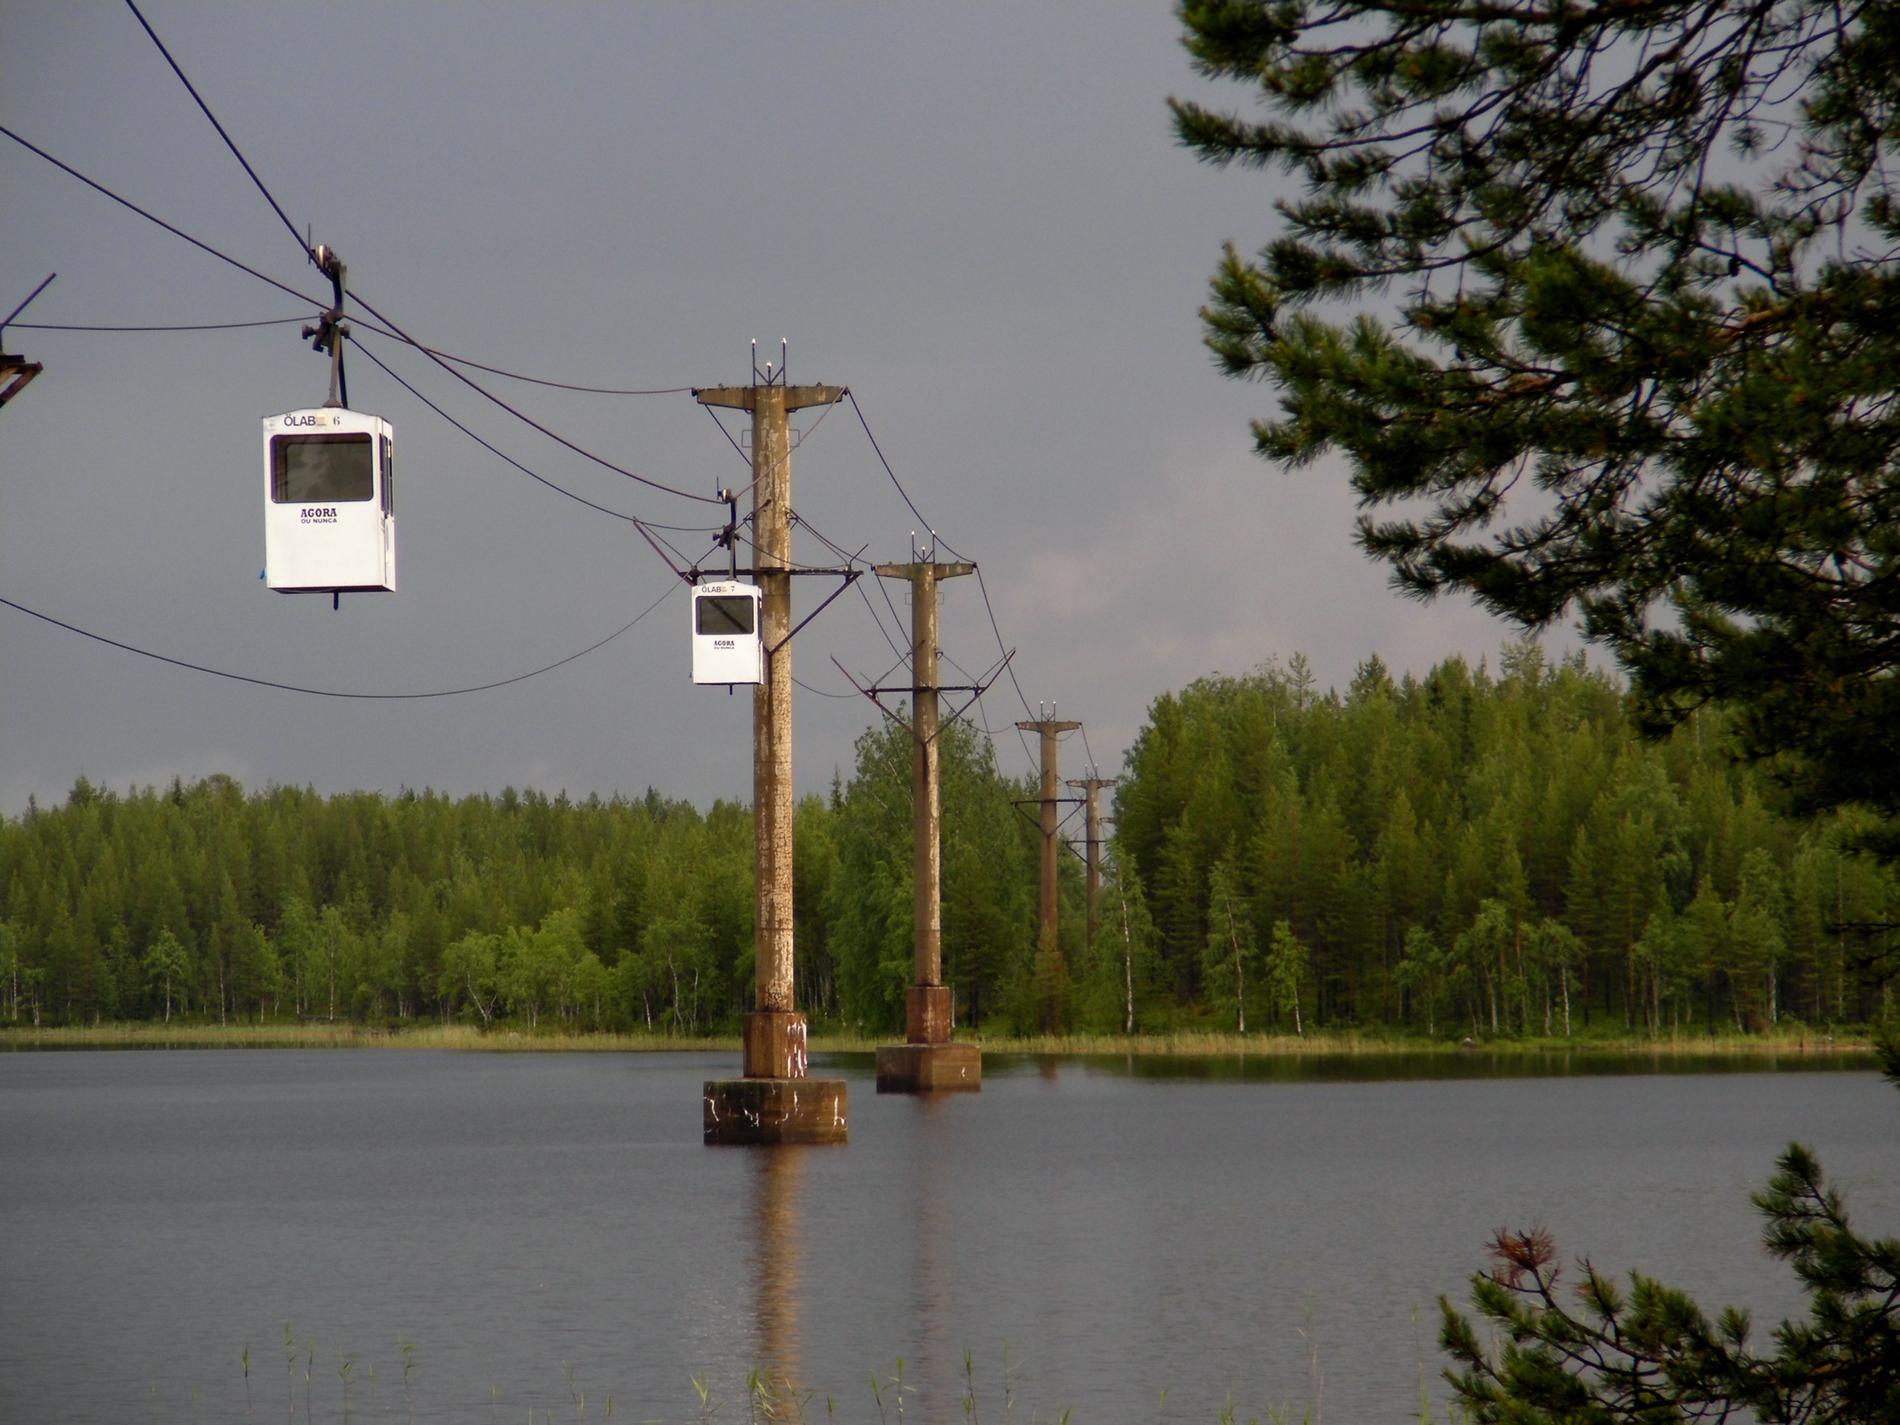 Världens längsta linbana i Norsjö är till salu. Arkivbild